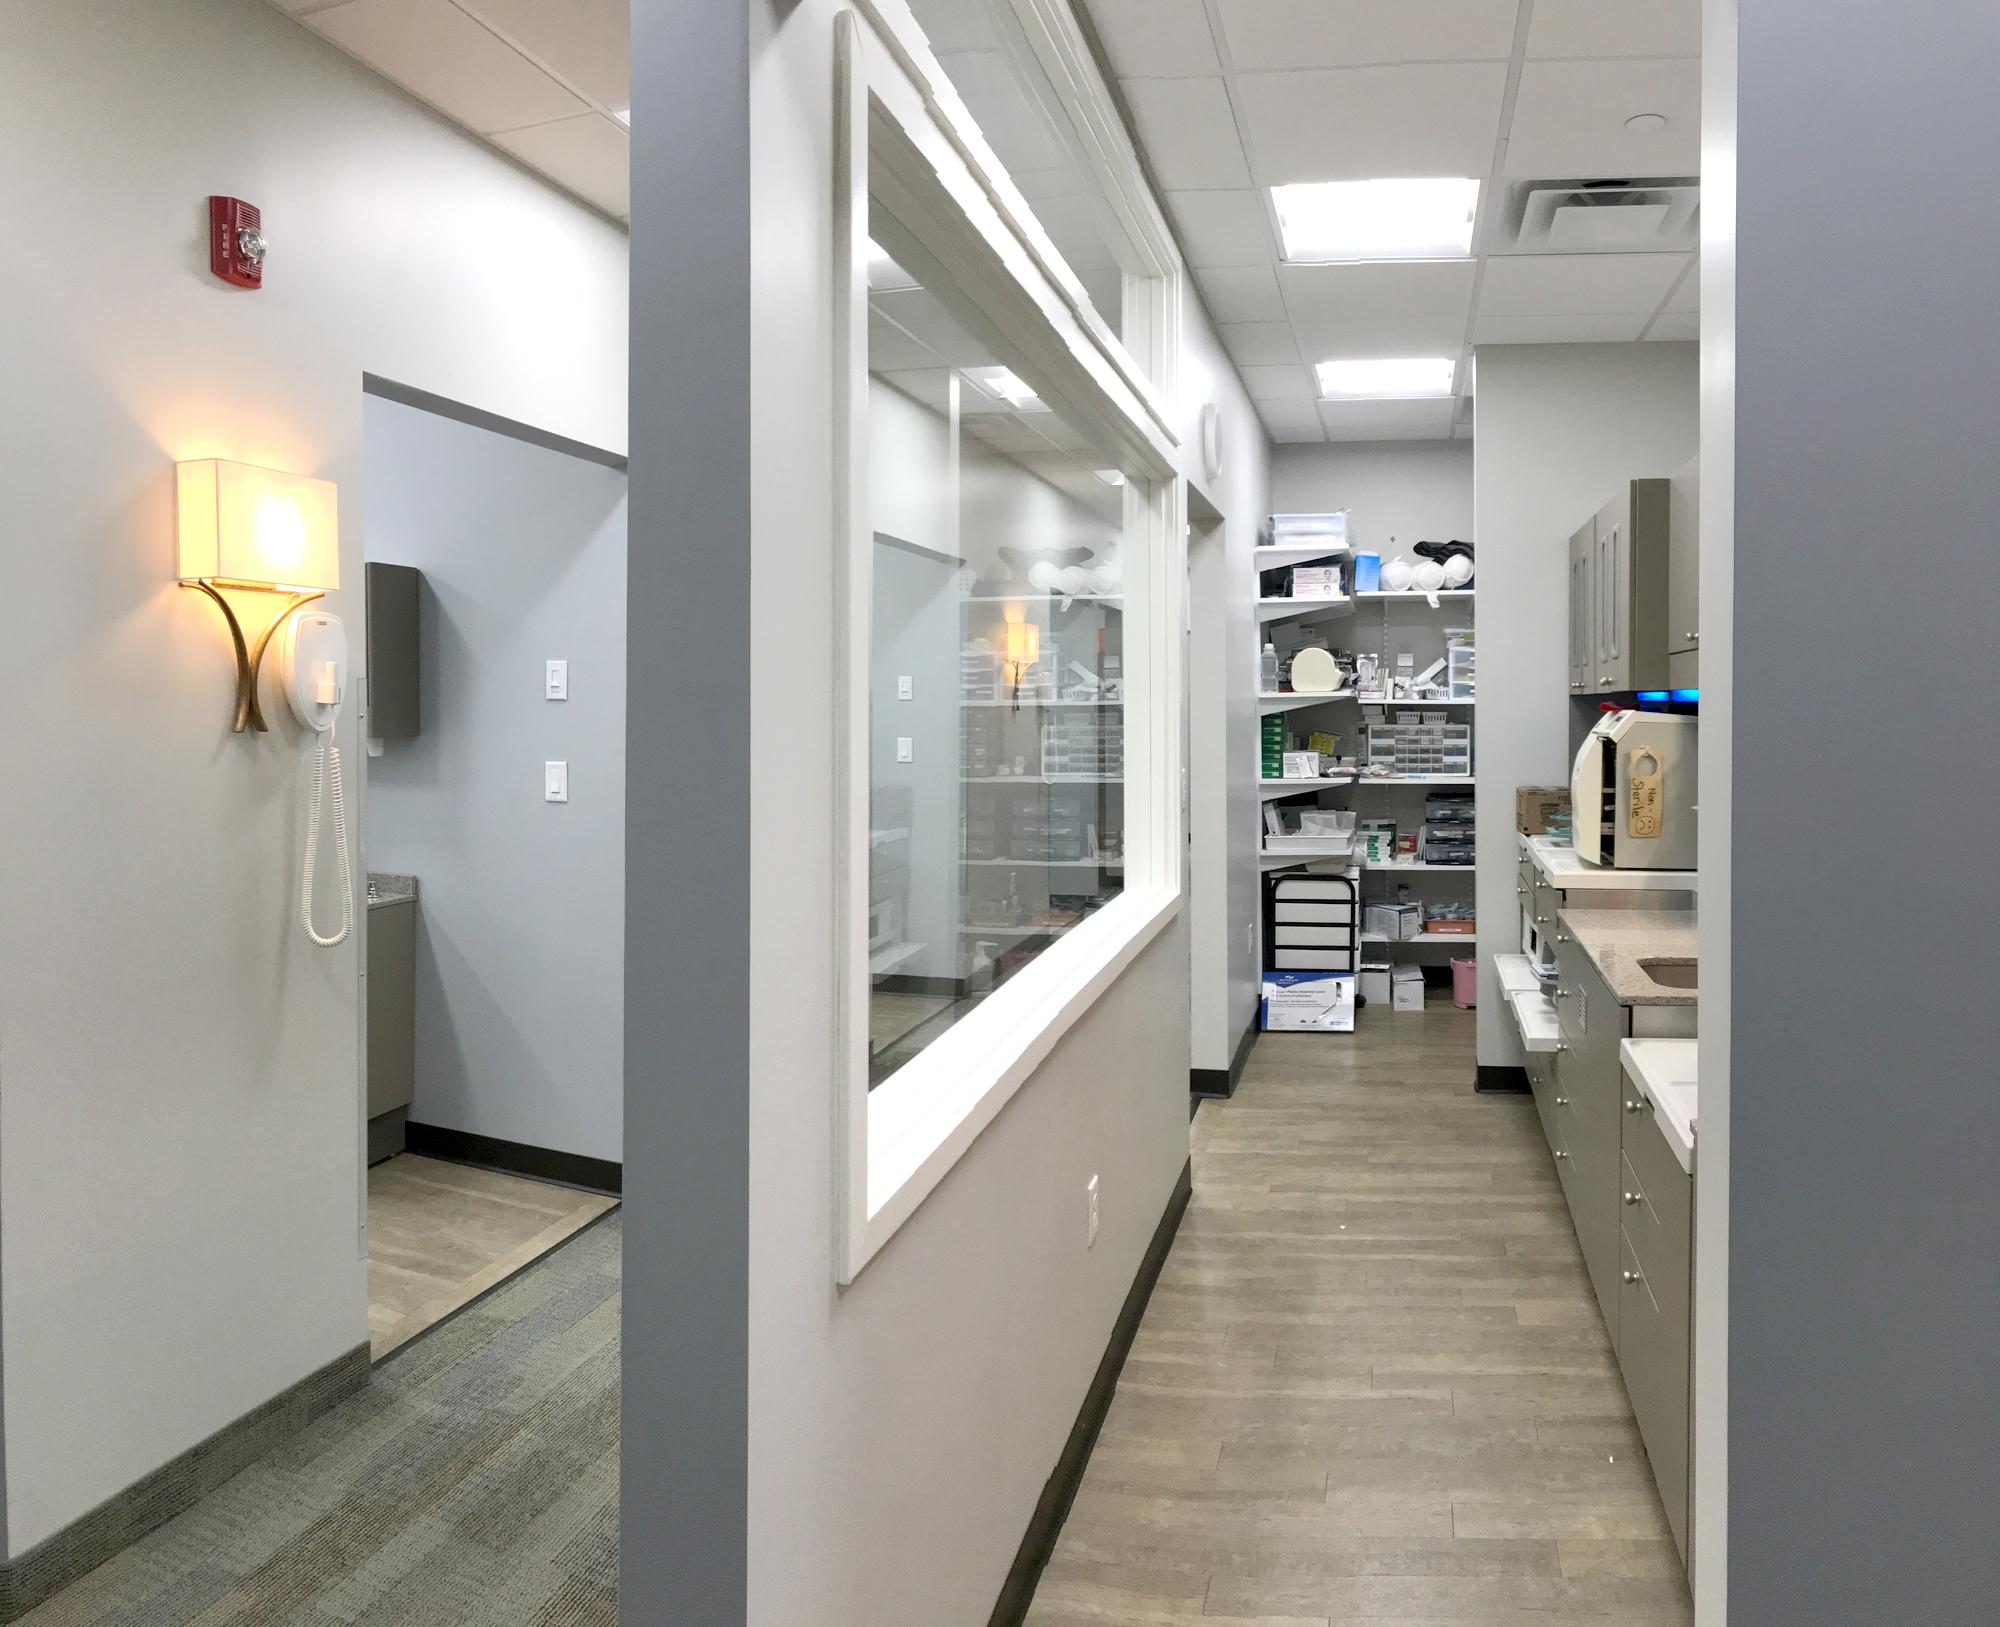 Tewksbury Dental Associate - Tewksbury, MA